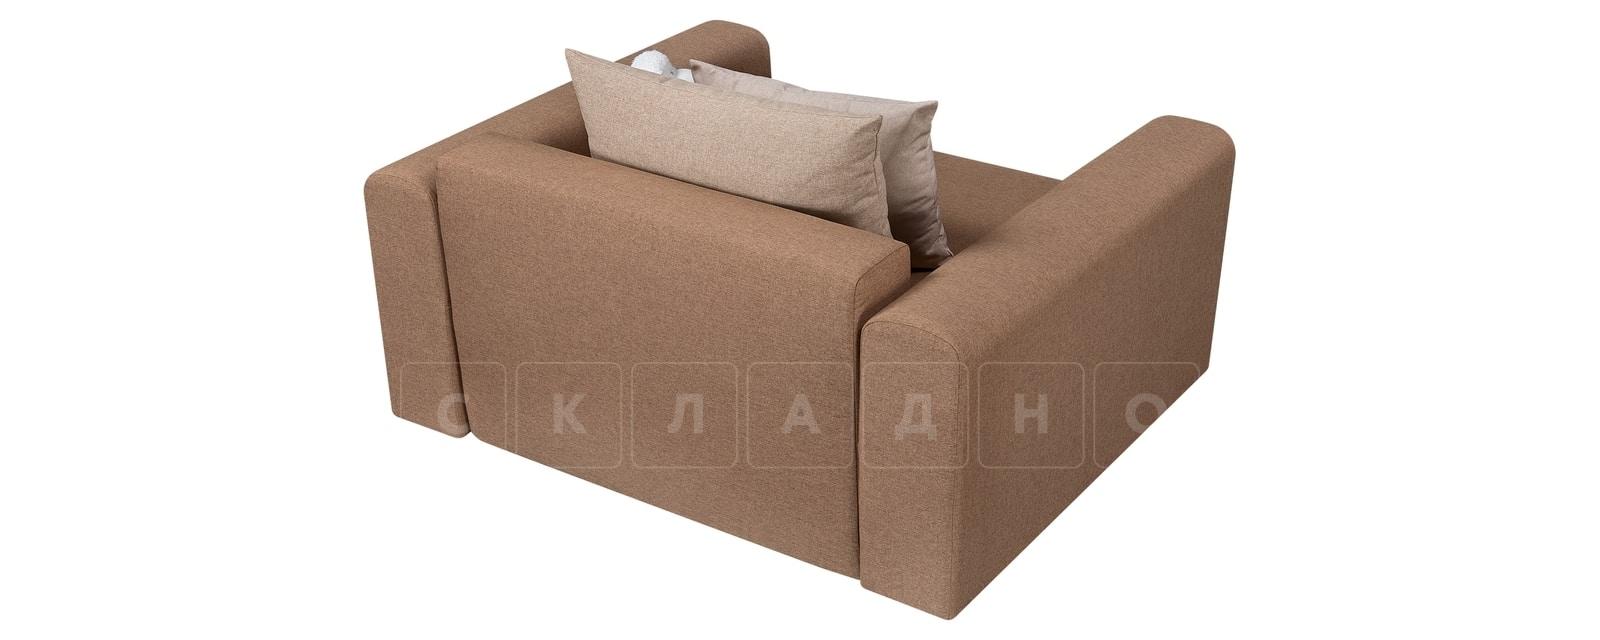 Кресло Медисон 100см коричневого цвета фото 3 | интернет-магазин Складно